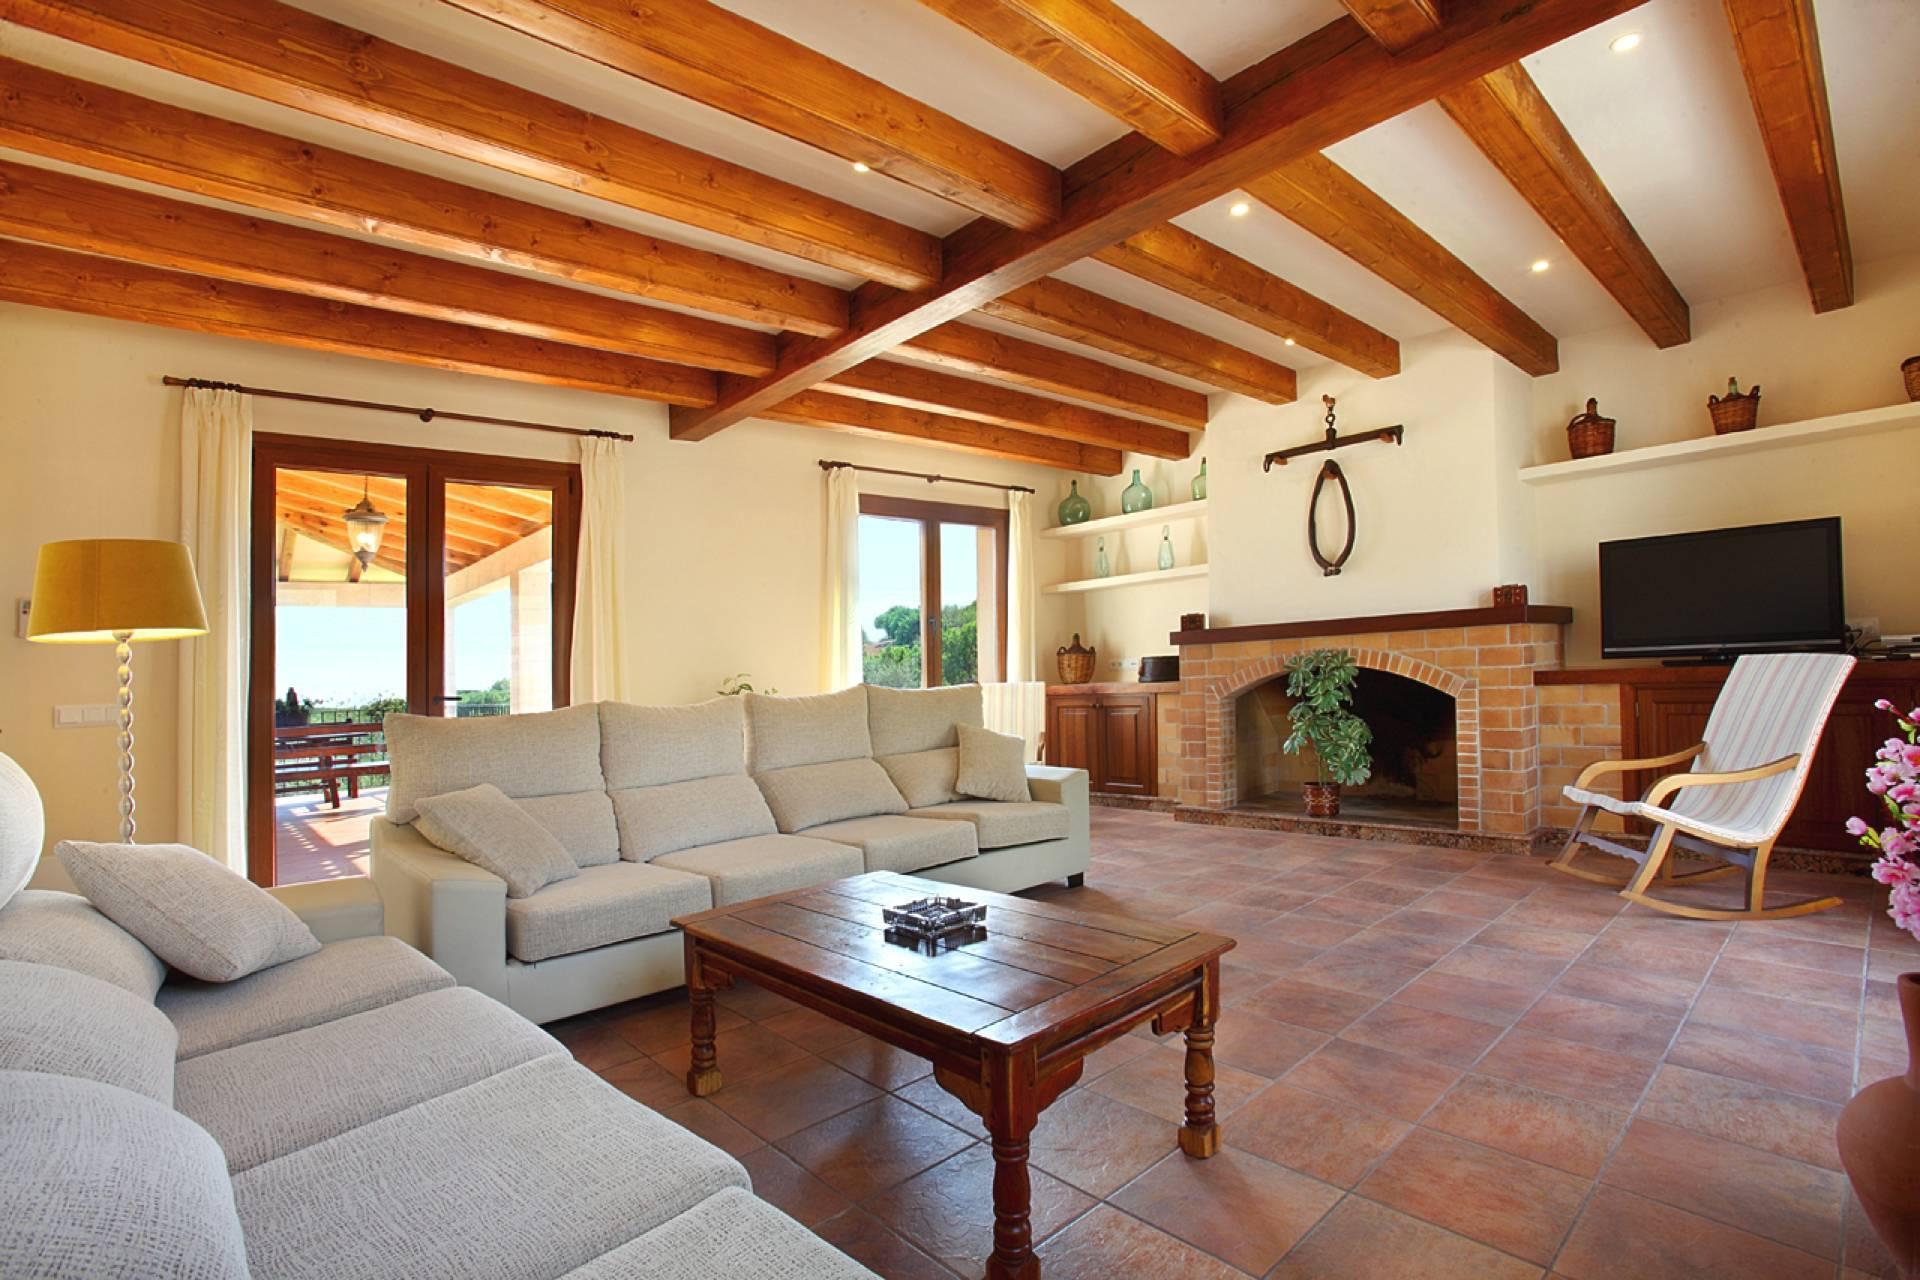 01-159 Ländliches Ferienhaus Mallorca Osten Bild 21